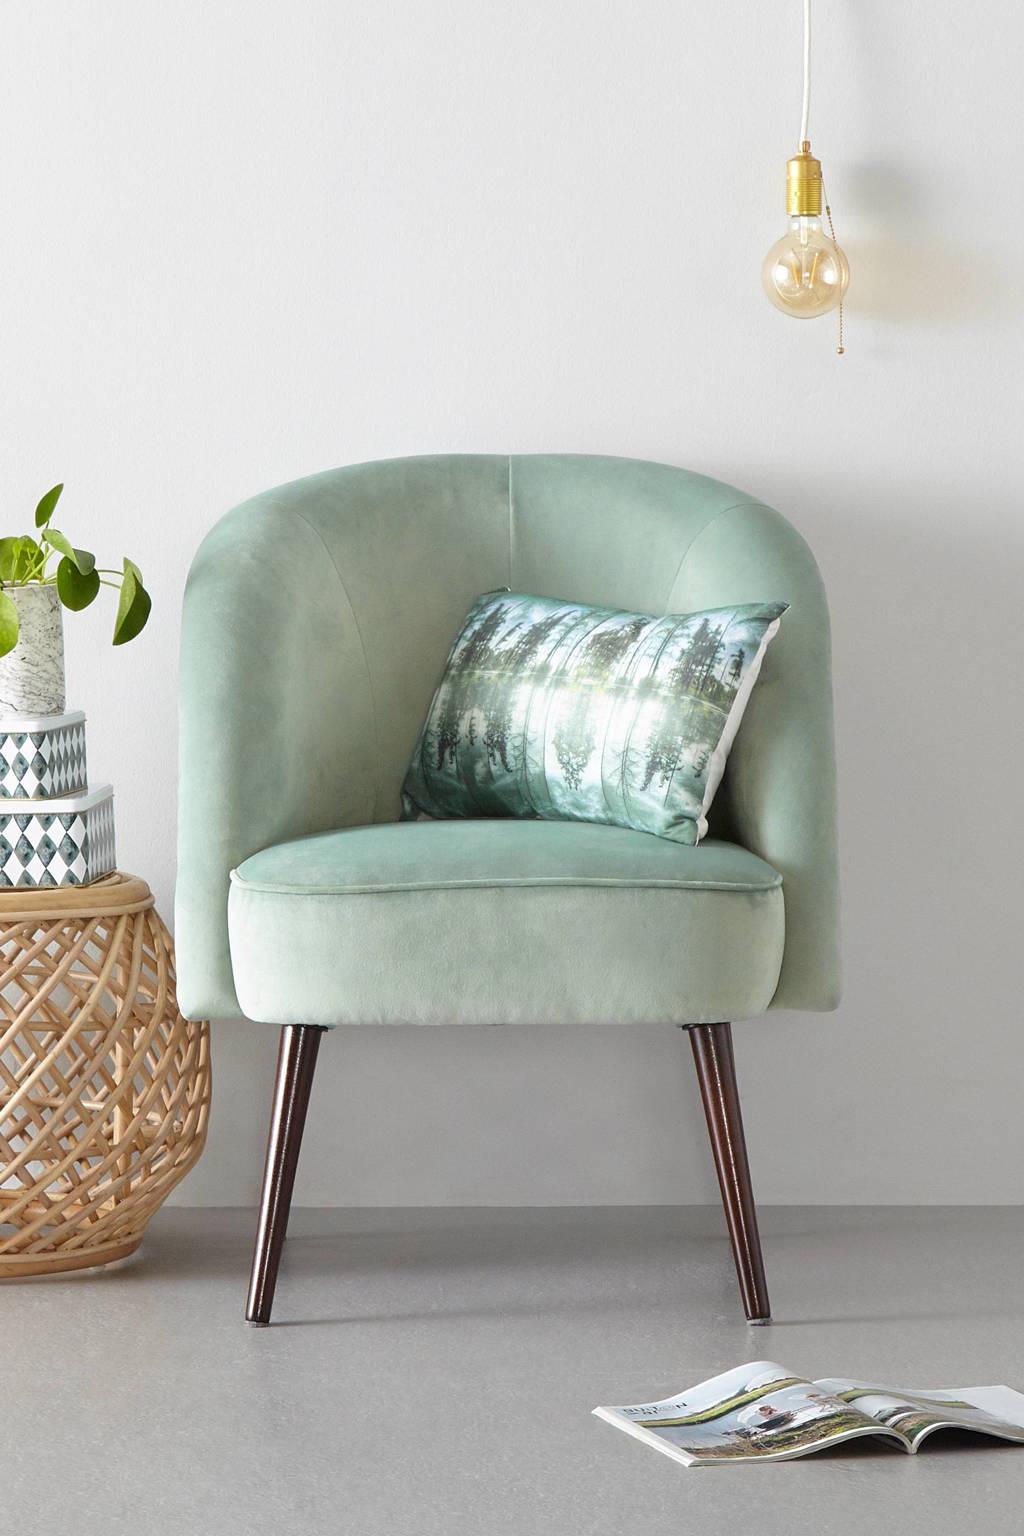 whkmp's own fauteuil Marilyn velours, Mintgroen